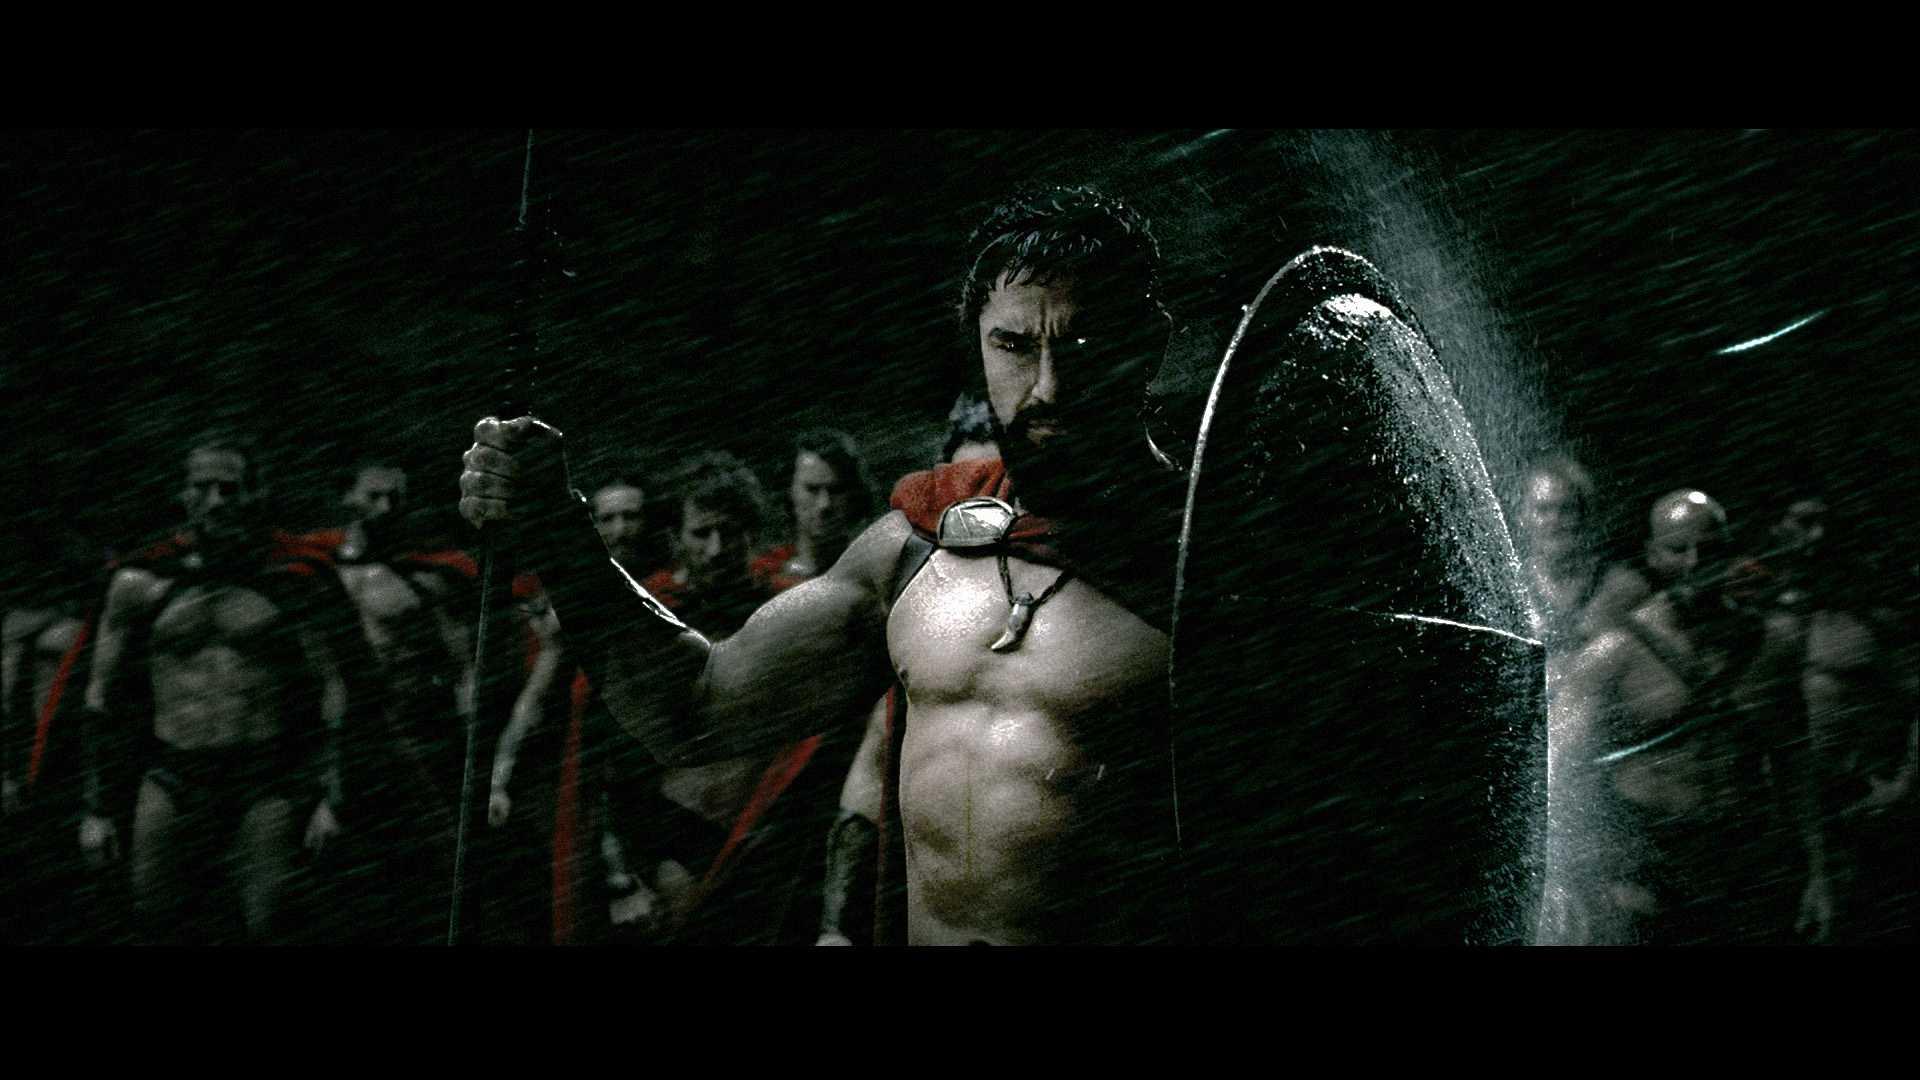 300 спартанцев фото, обои для рабочего стола